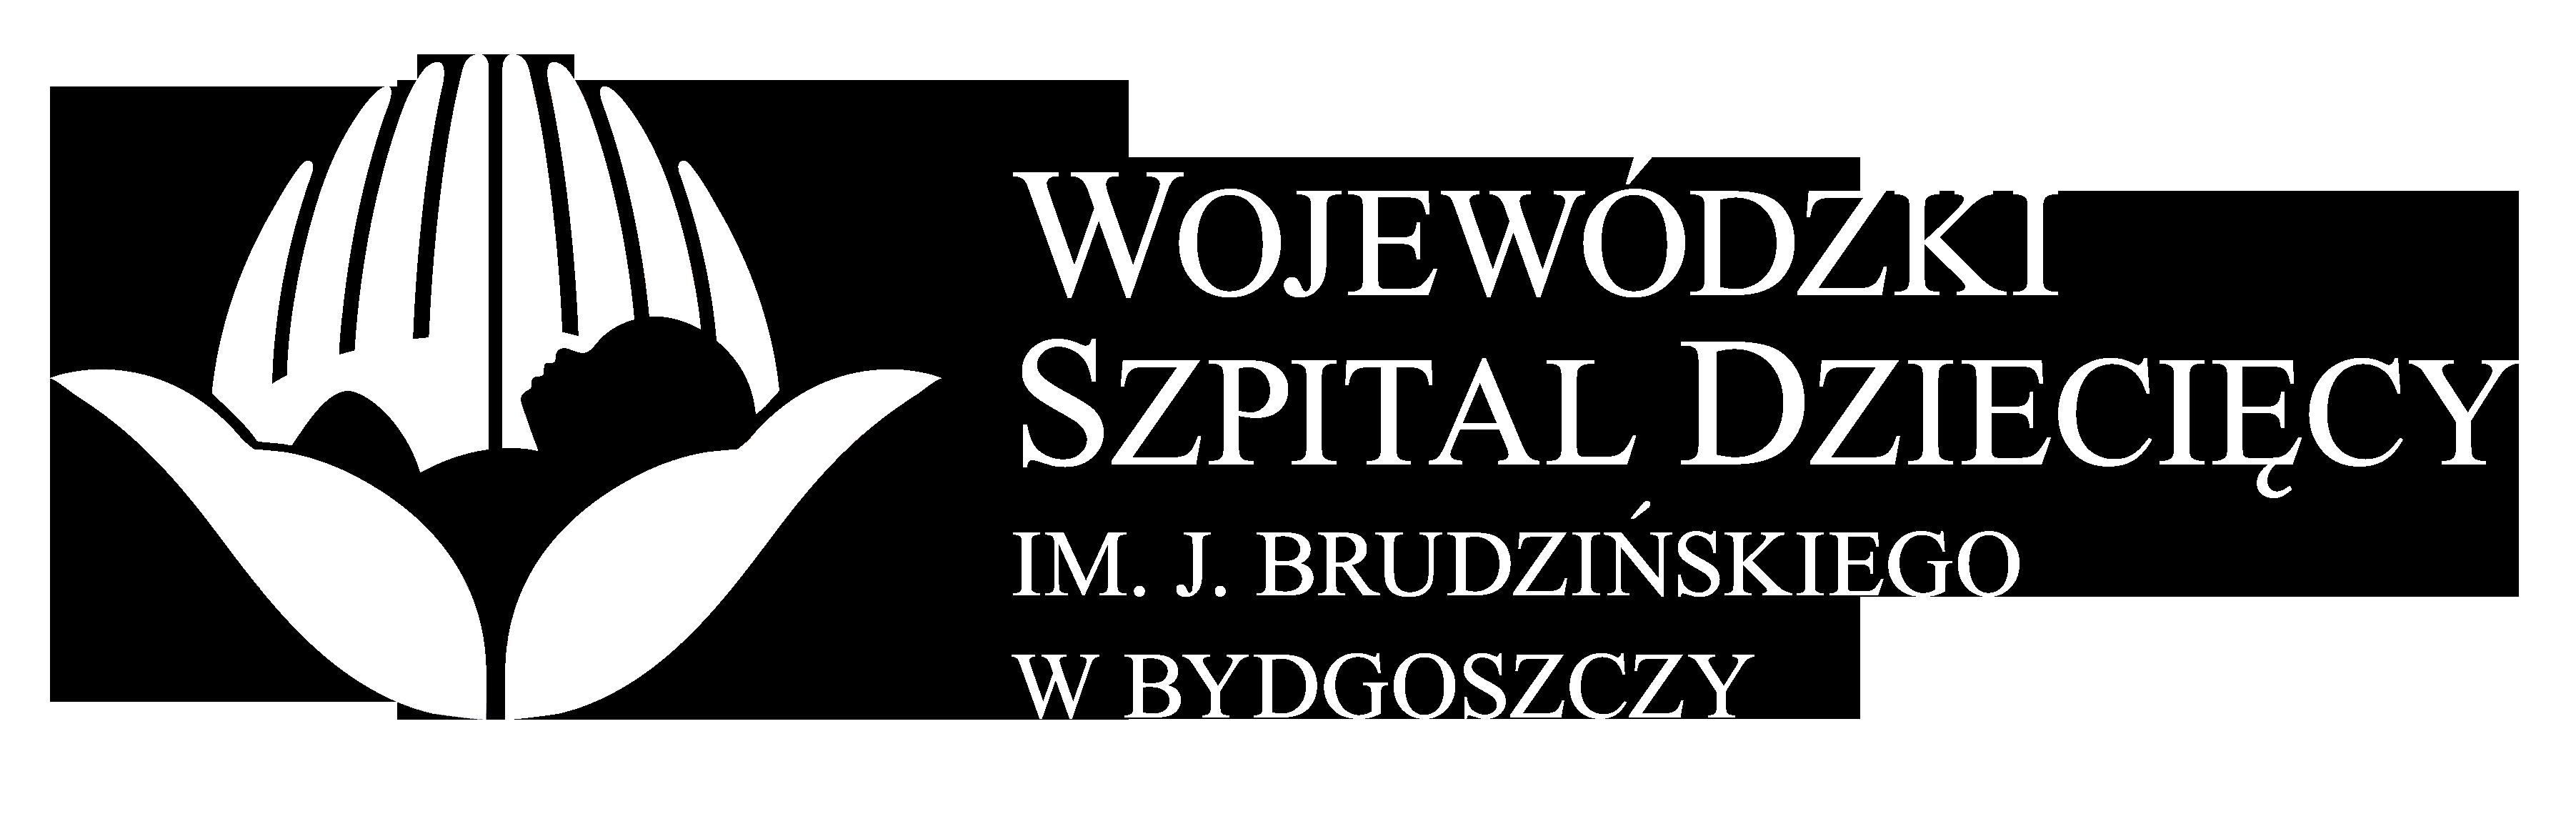 Logo Wojewódzki Szpital Dziecięcy im. J. Brudzińskiego w Bydgoszczy